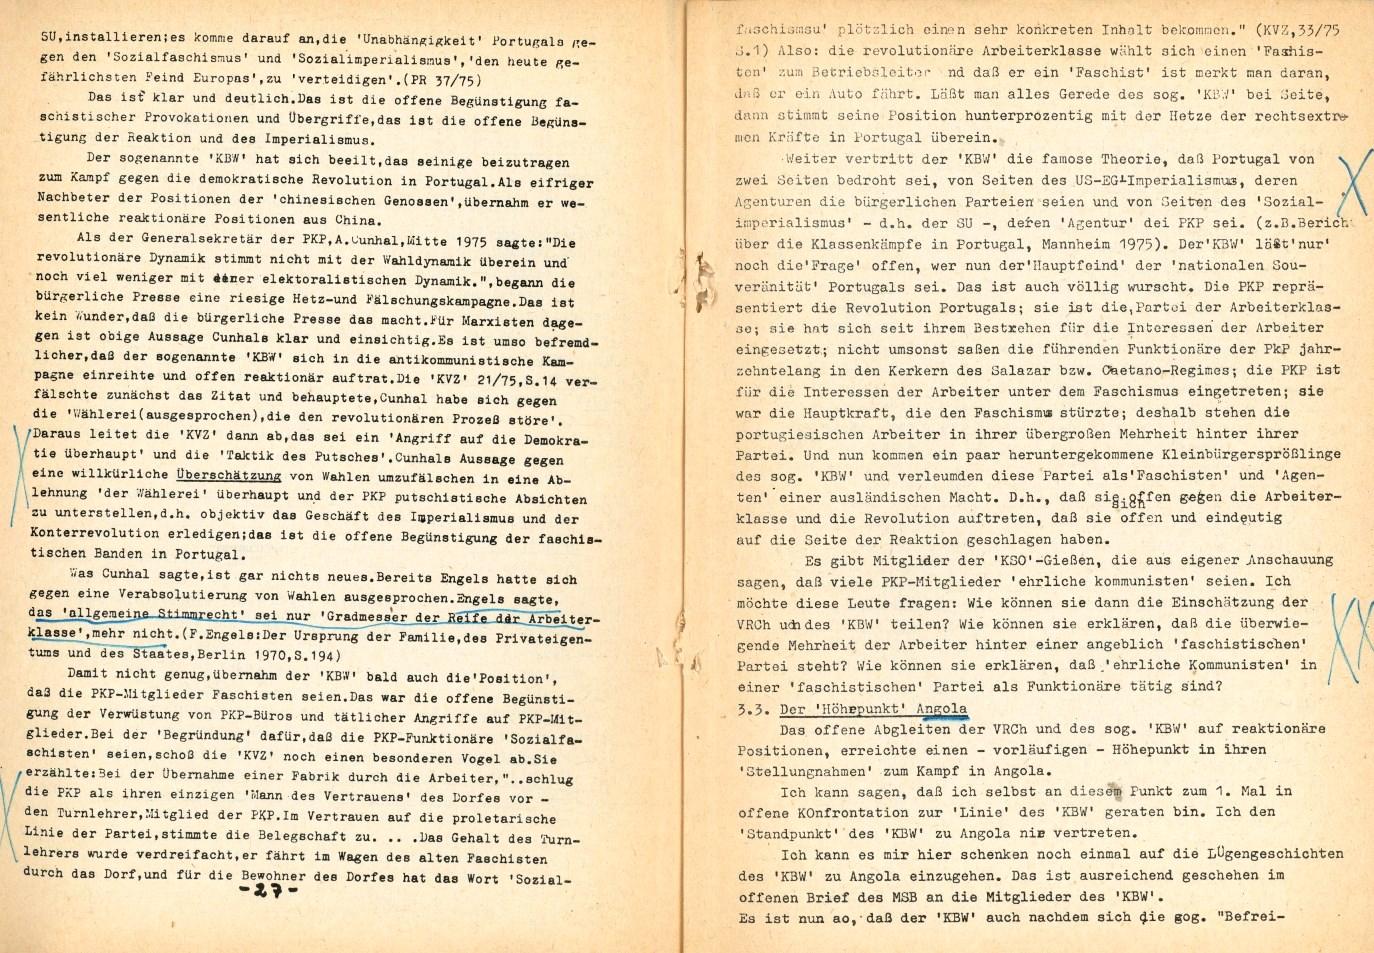 Giessen_MSB_1976_Der_KBW_eine_rechte_Organisation_16